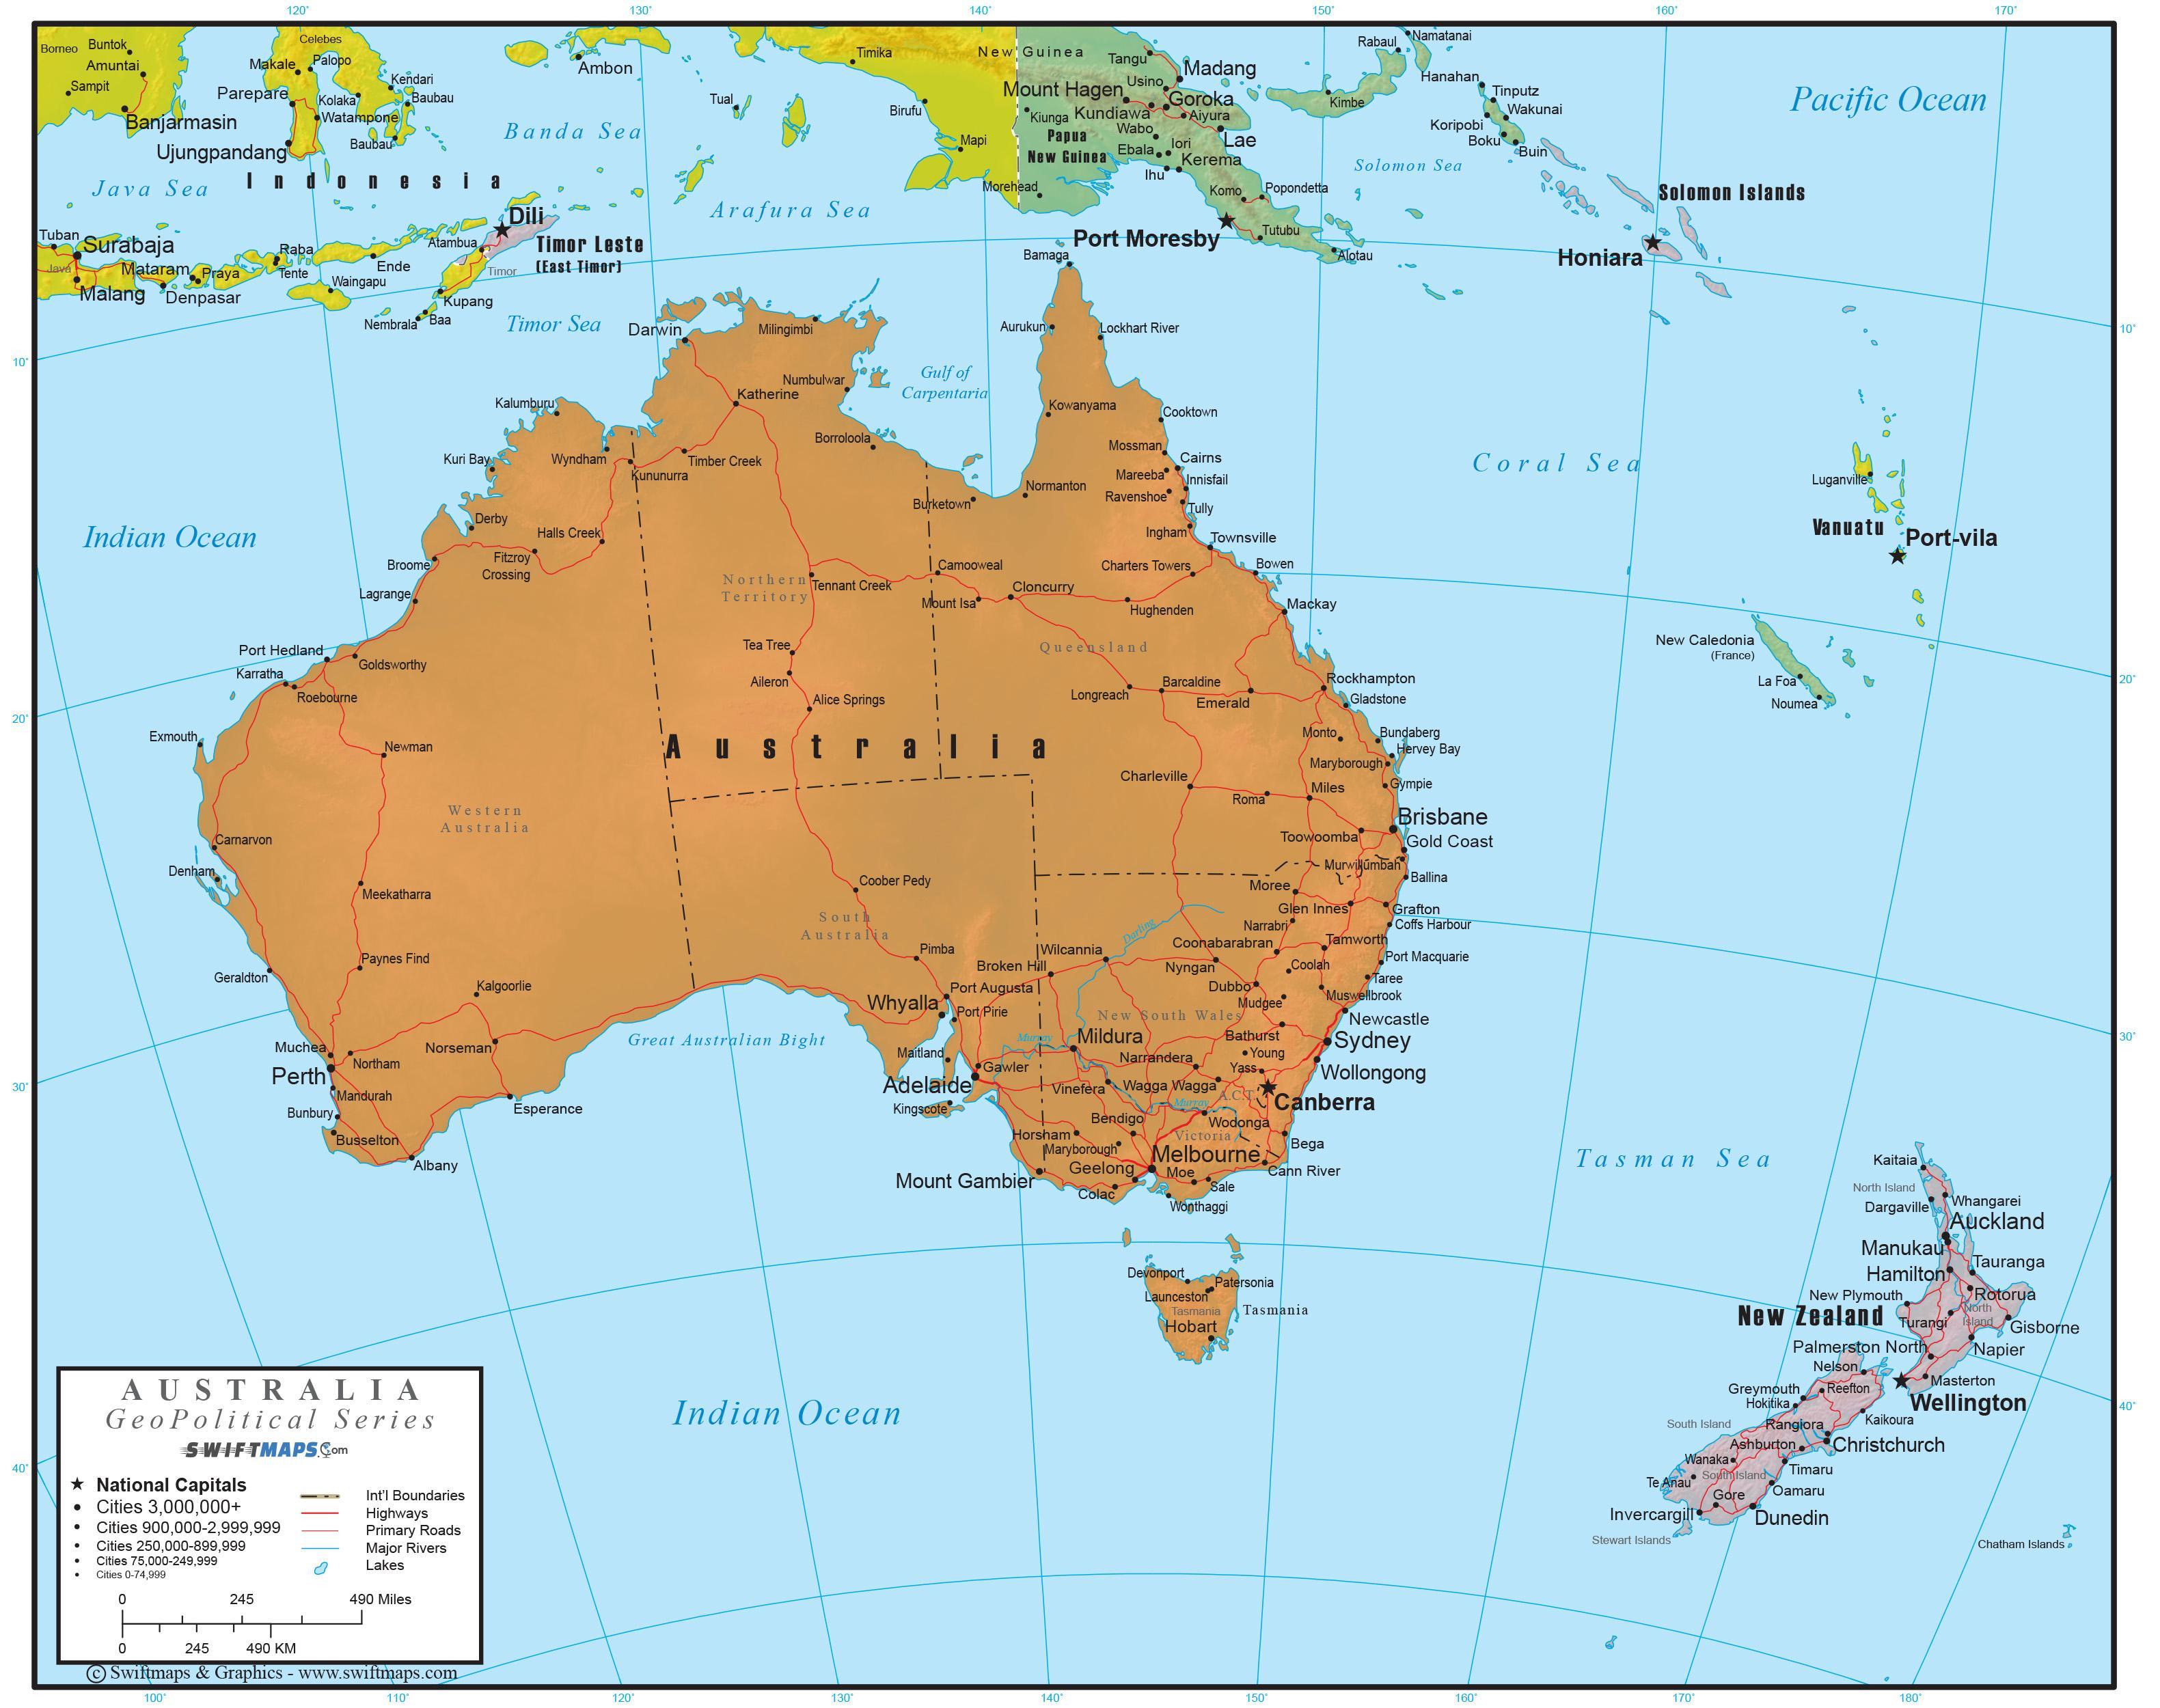 Australien Fuld Kort Komplet Kort Over Australien Og New Zealand